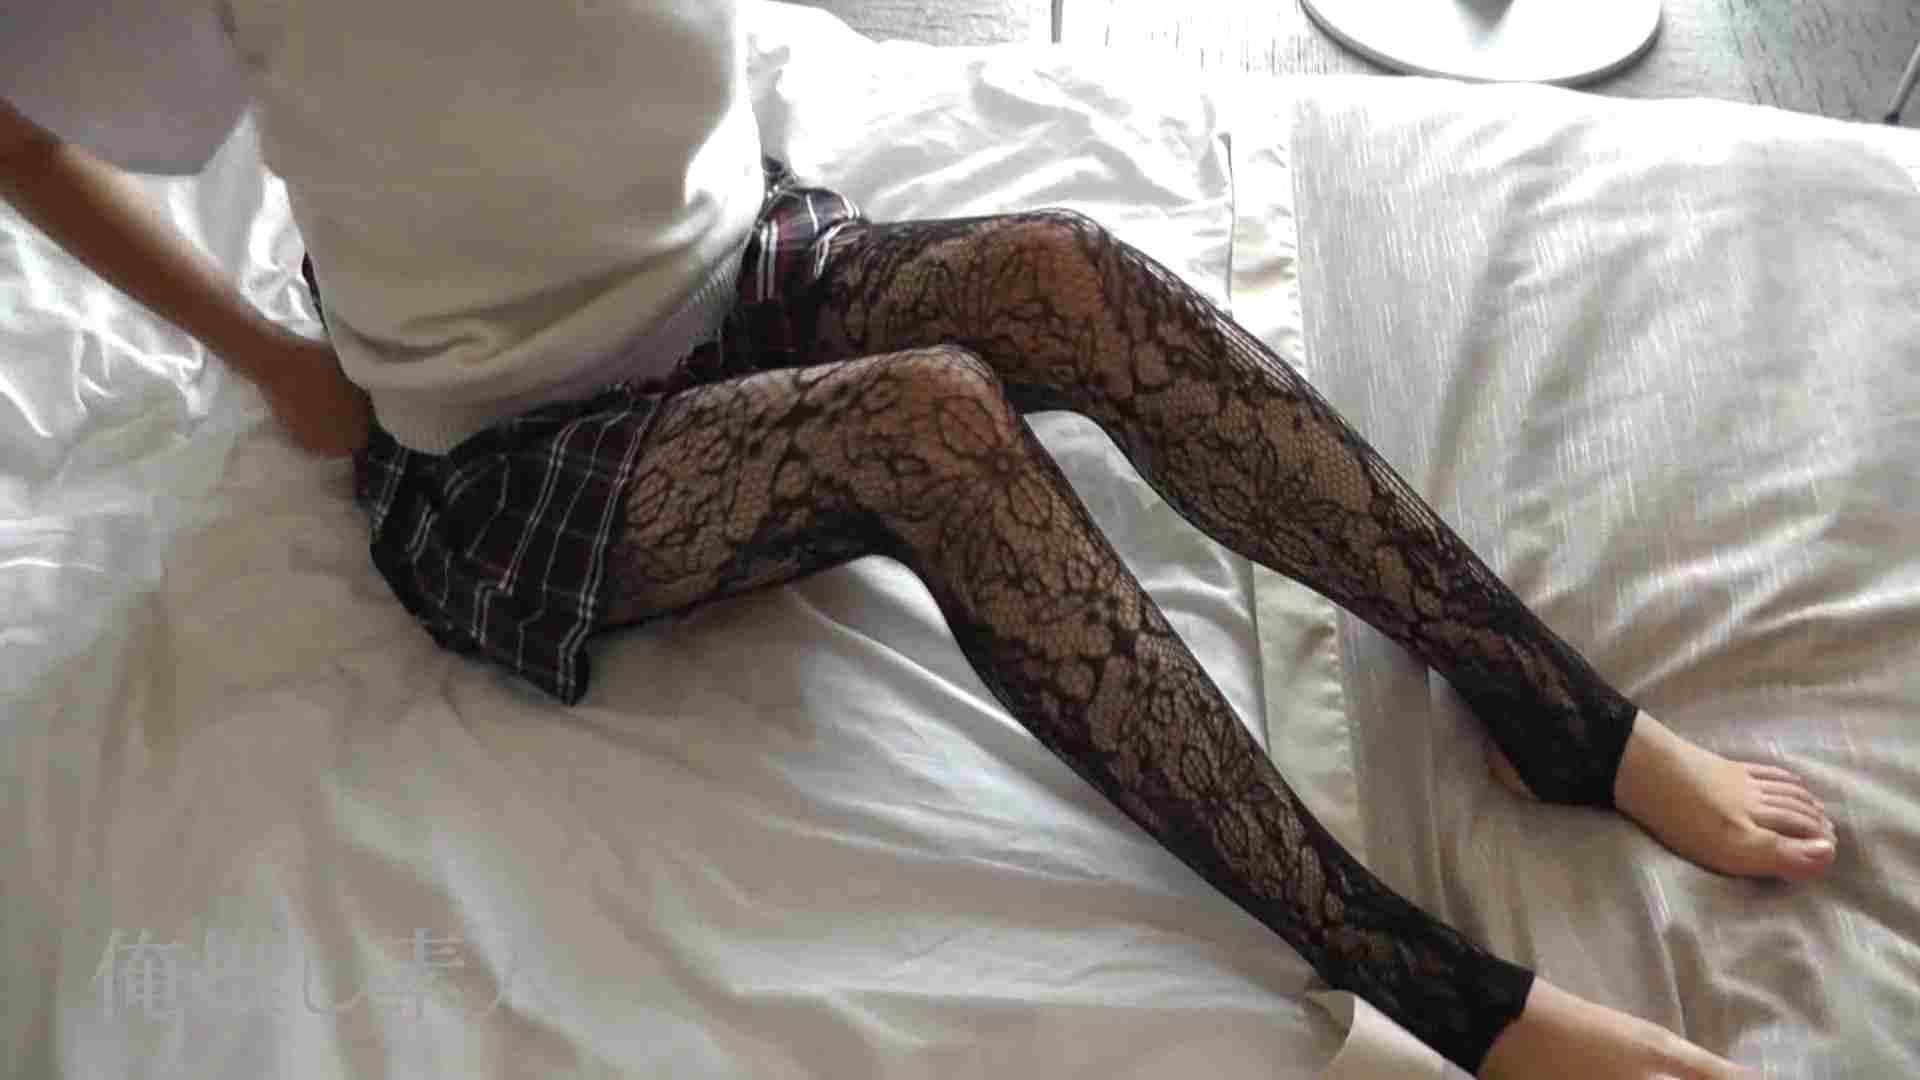 俺推し素人 キャバクラ嬢26歳久美vol6 フェラ オメコ無修正動画無料 99PIX 33